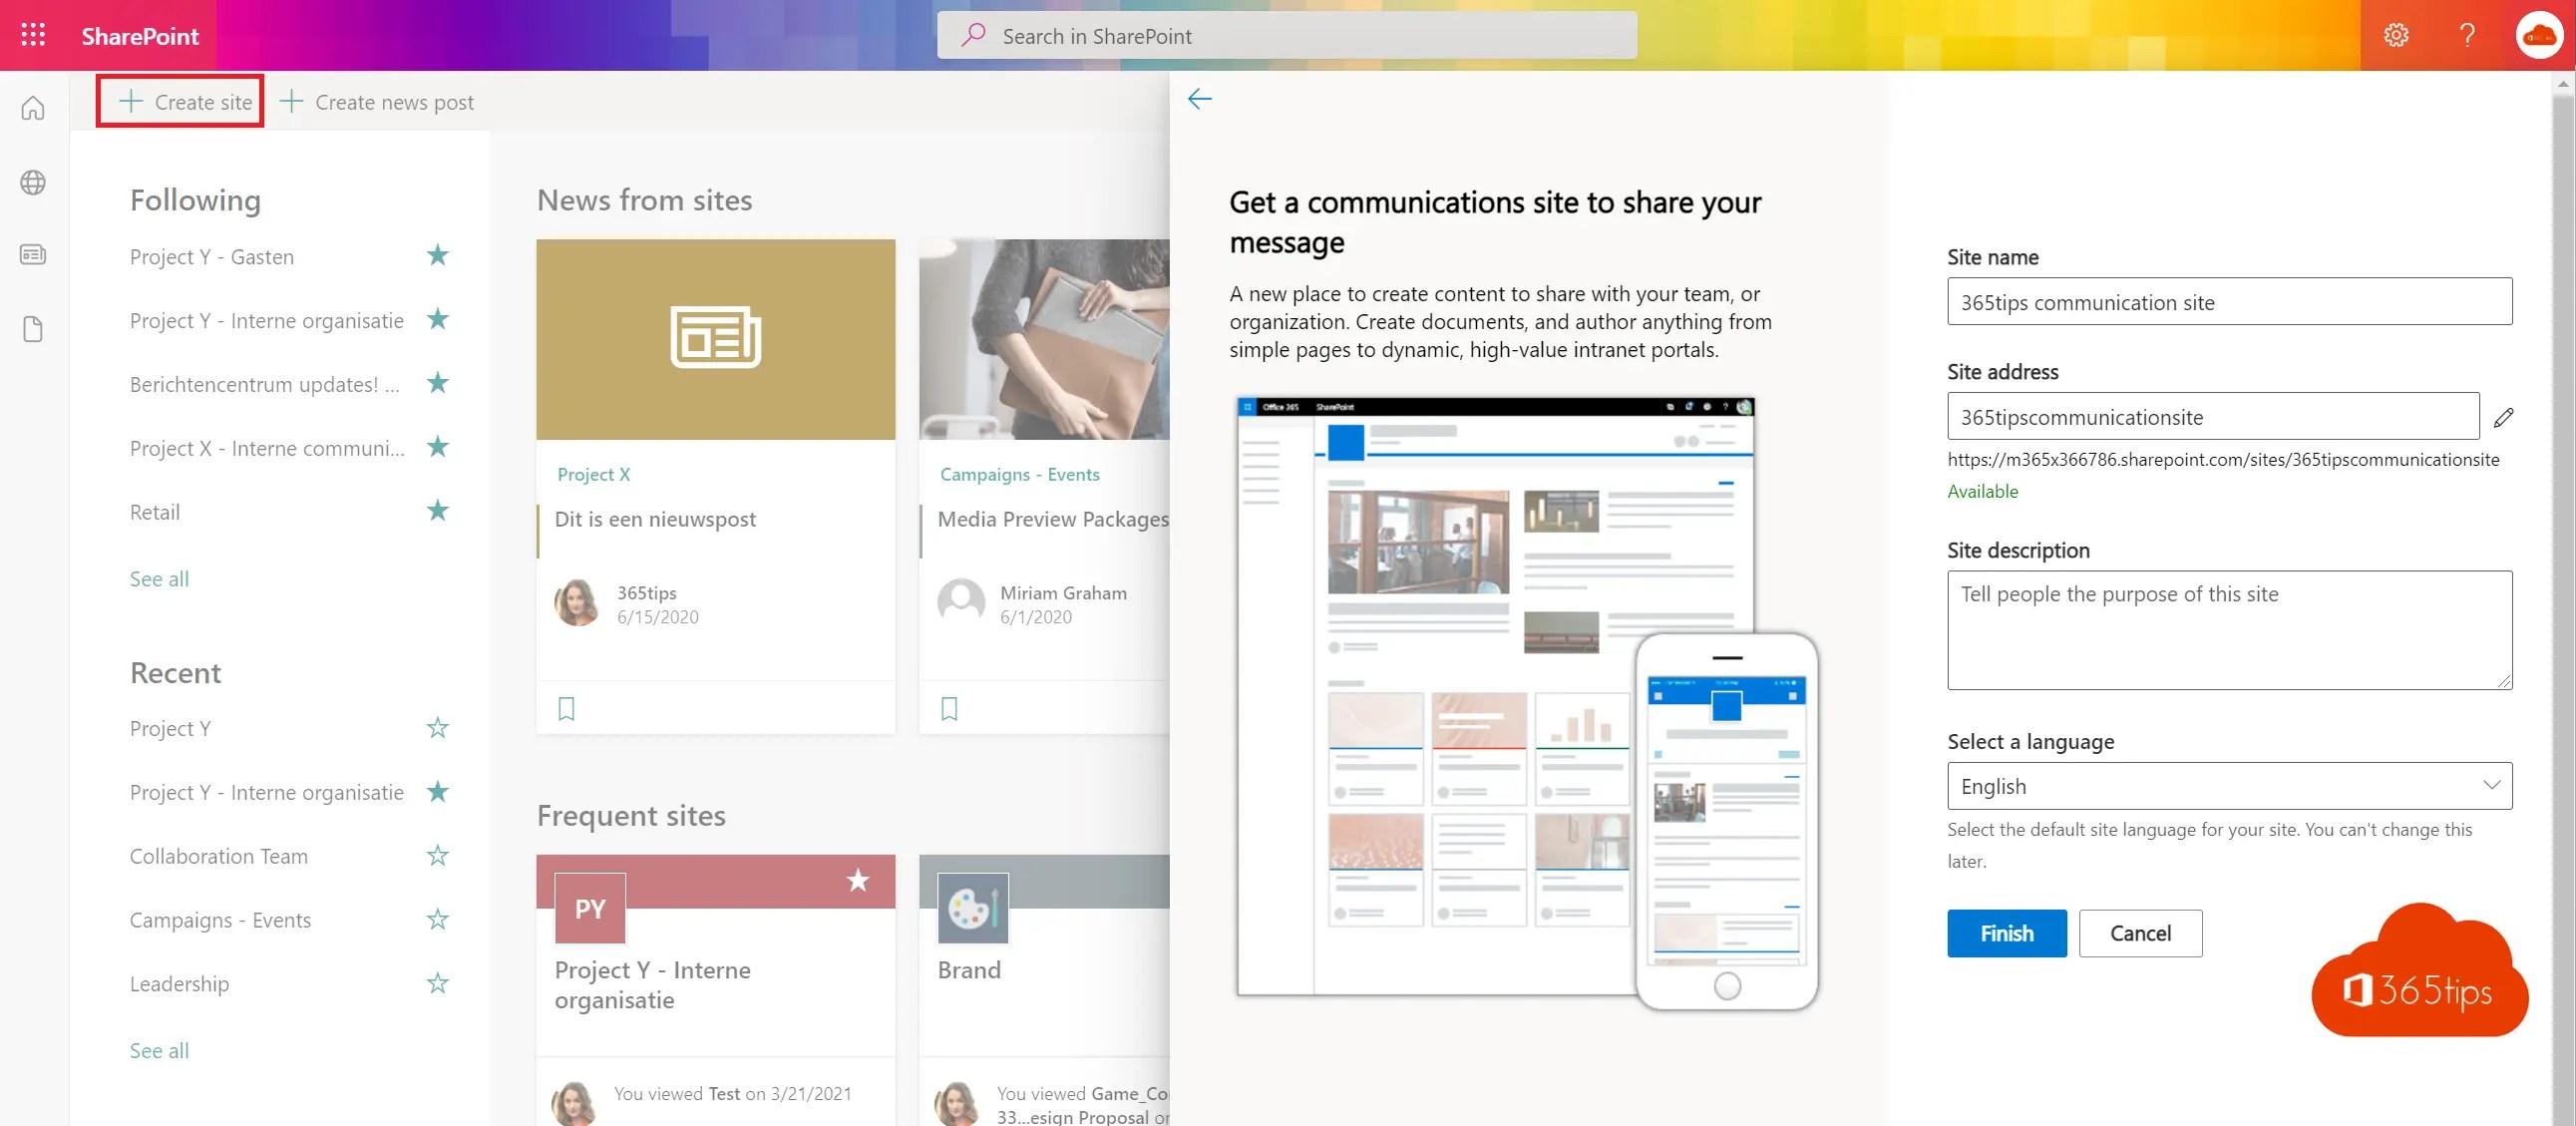 Handleiding: Hoe maak je een communicatiesite in SharePoint Online?